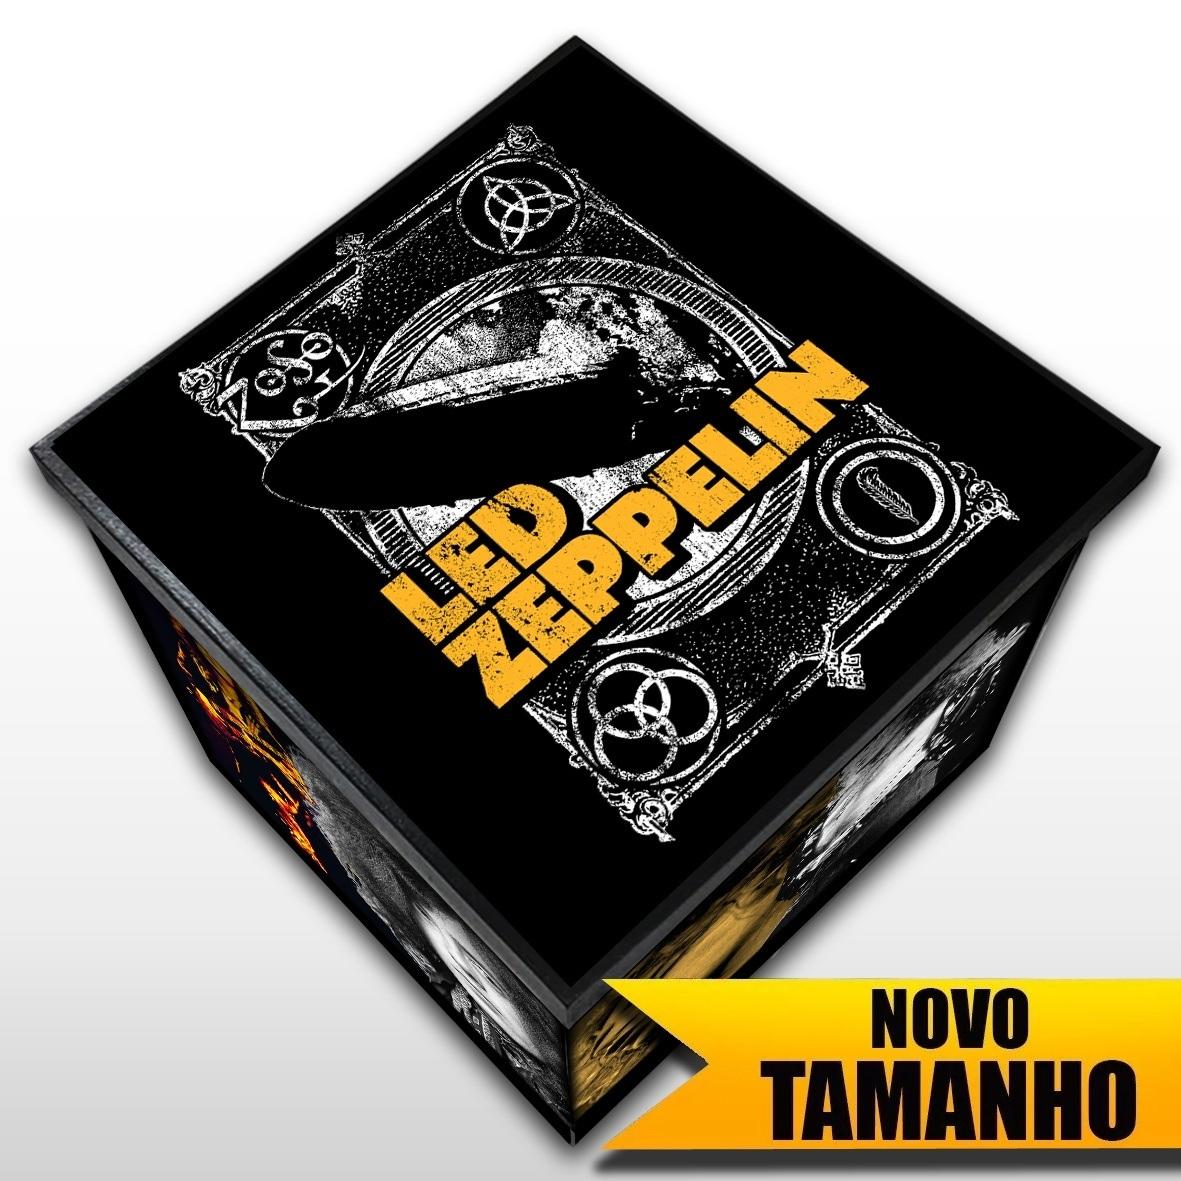 Led Zeppelin - Caixa em Madeira MDF - Tamanho Grande - Mr. Rock